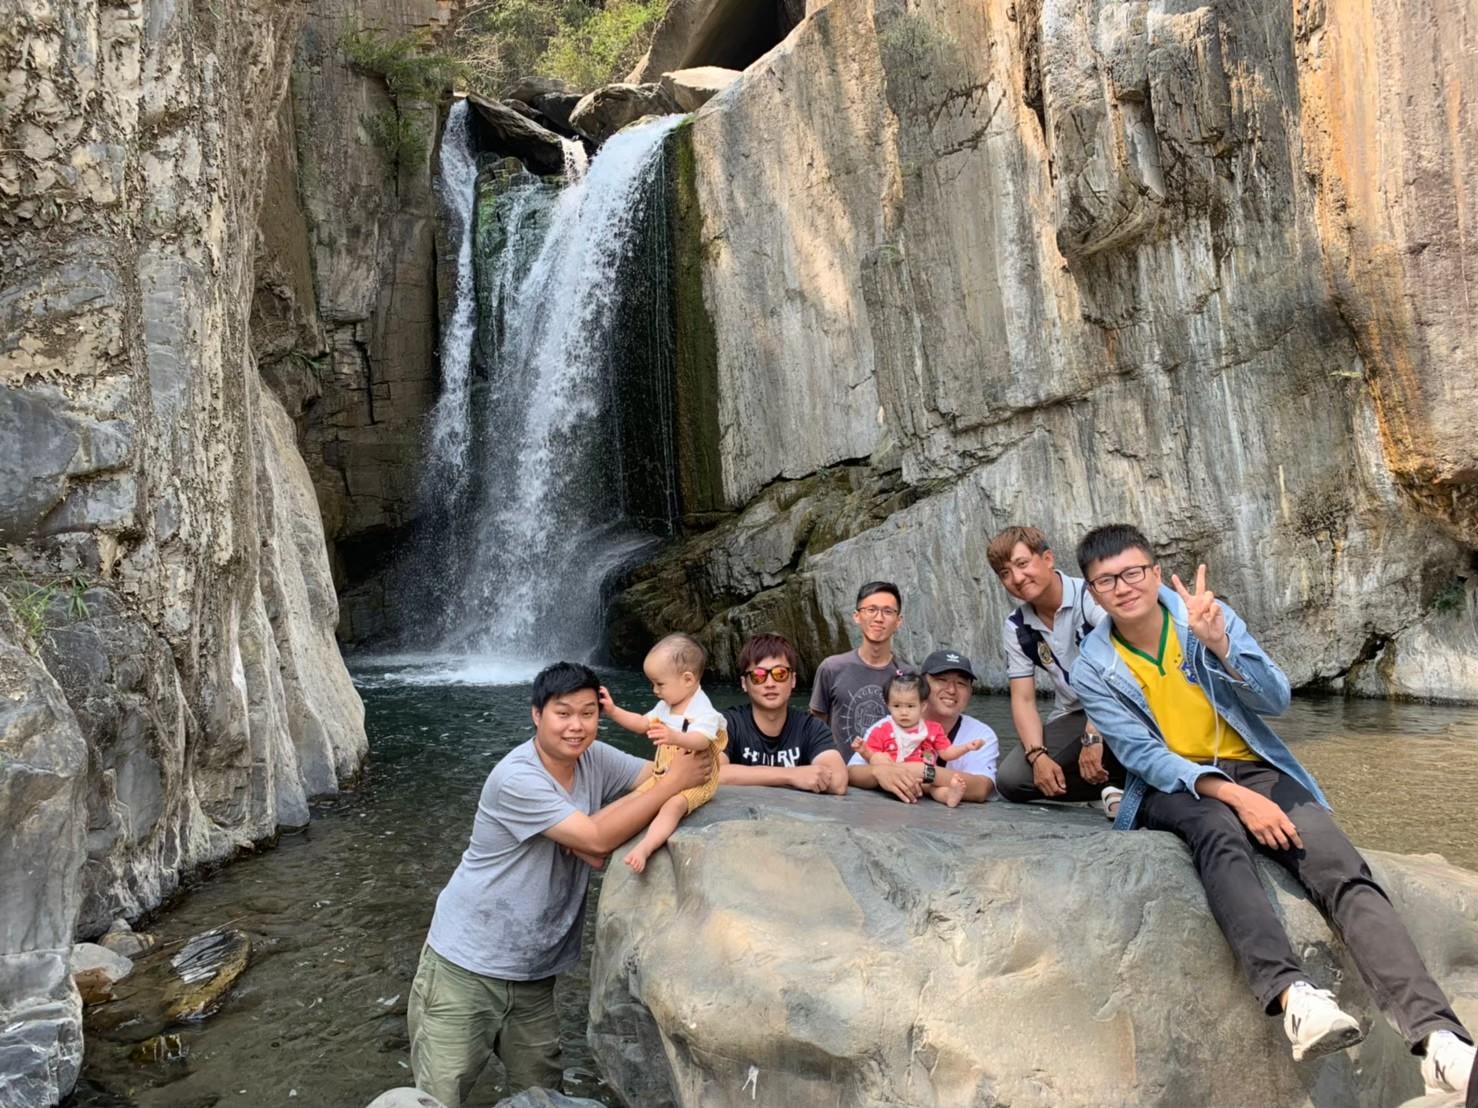 南投景點/夢谷瀑布:適合親子玩水的野溪秘境!